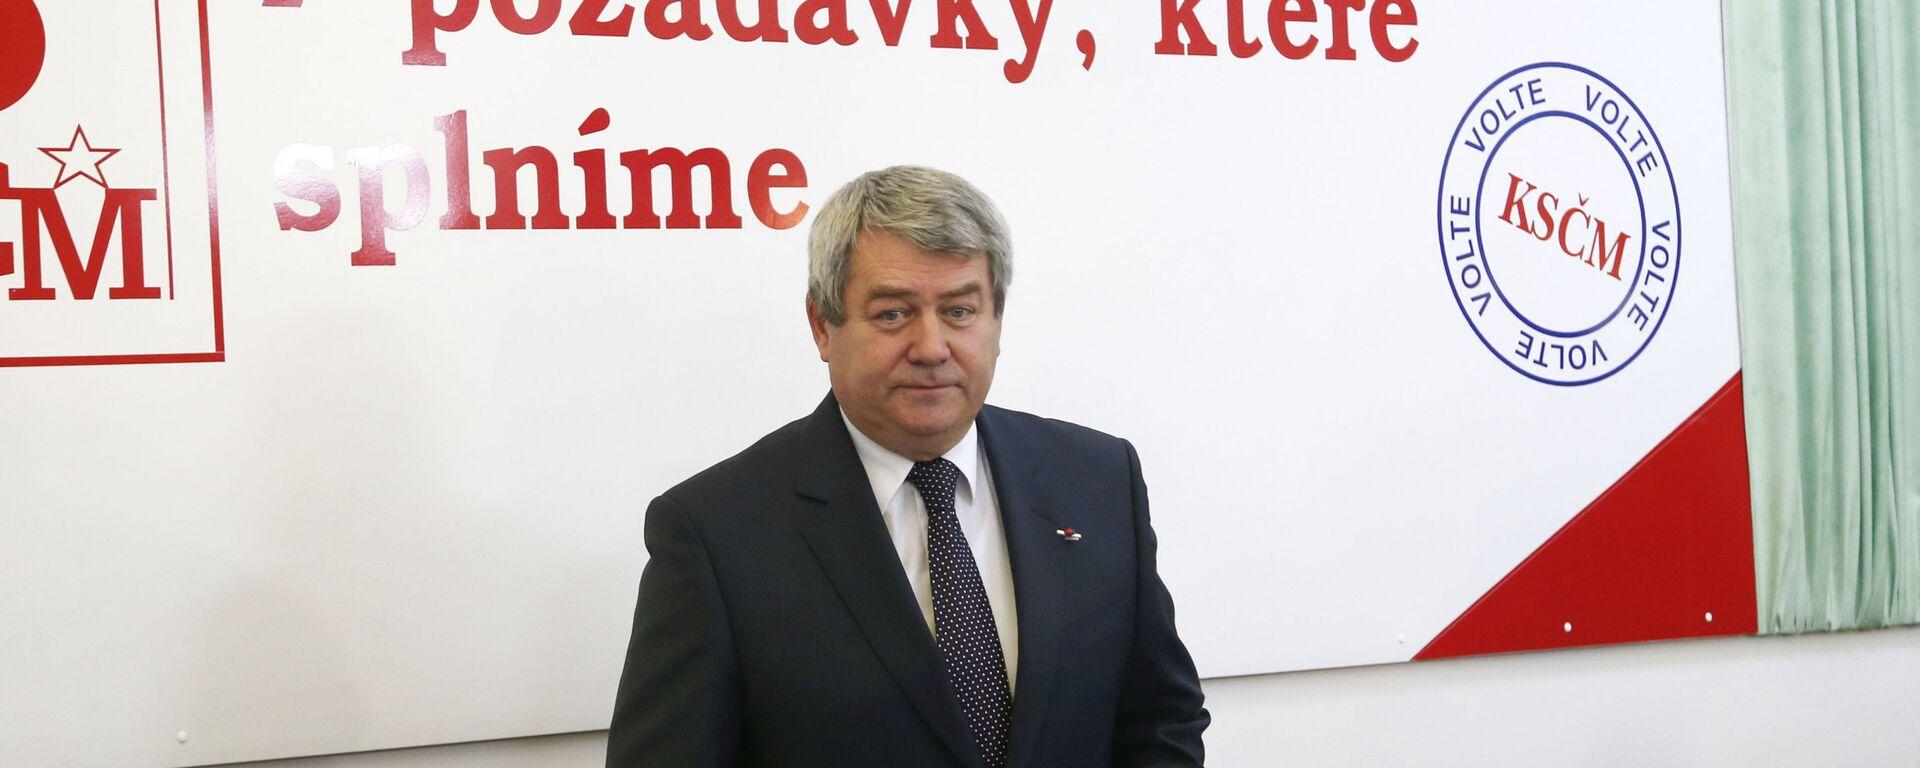 Předseda Komunistické strany Čech a Moravy Vojtěch Filip - Sputnik Česká republika, 1920, 06.09.2021